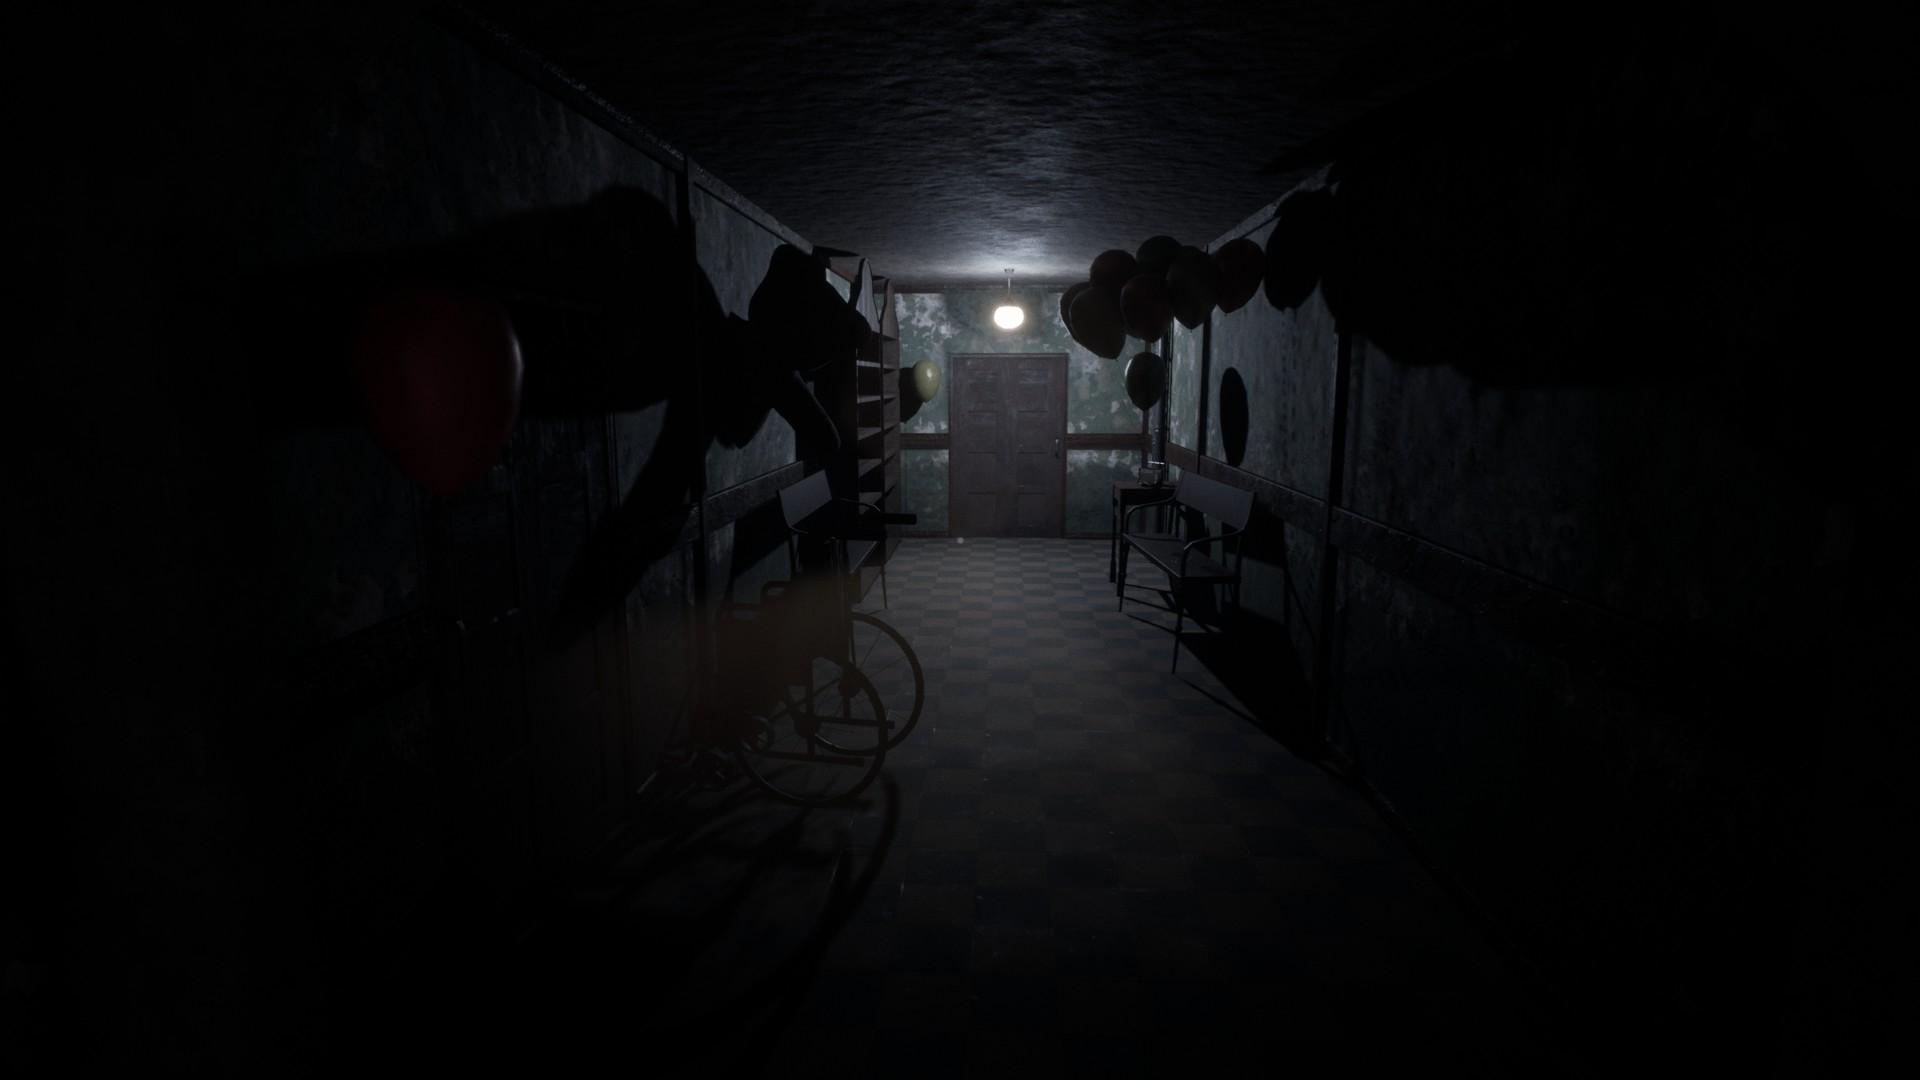 Alan Sharp - El Sanatorio